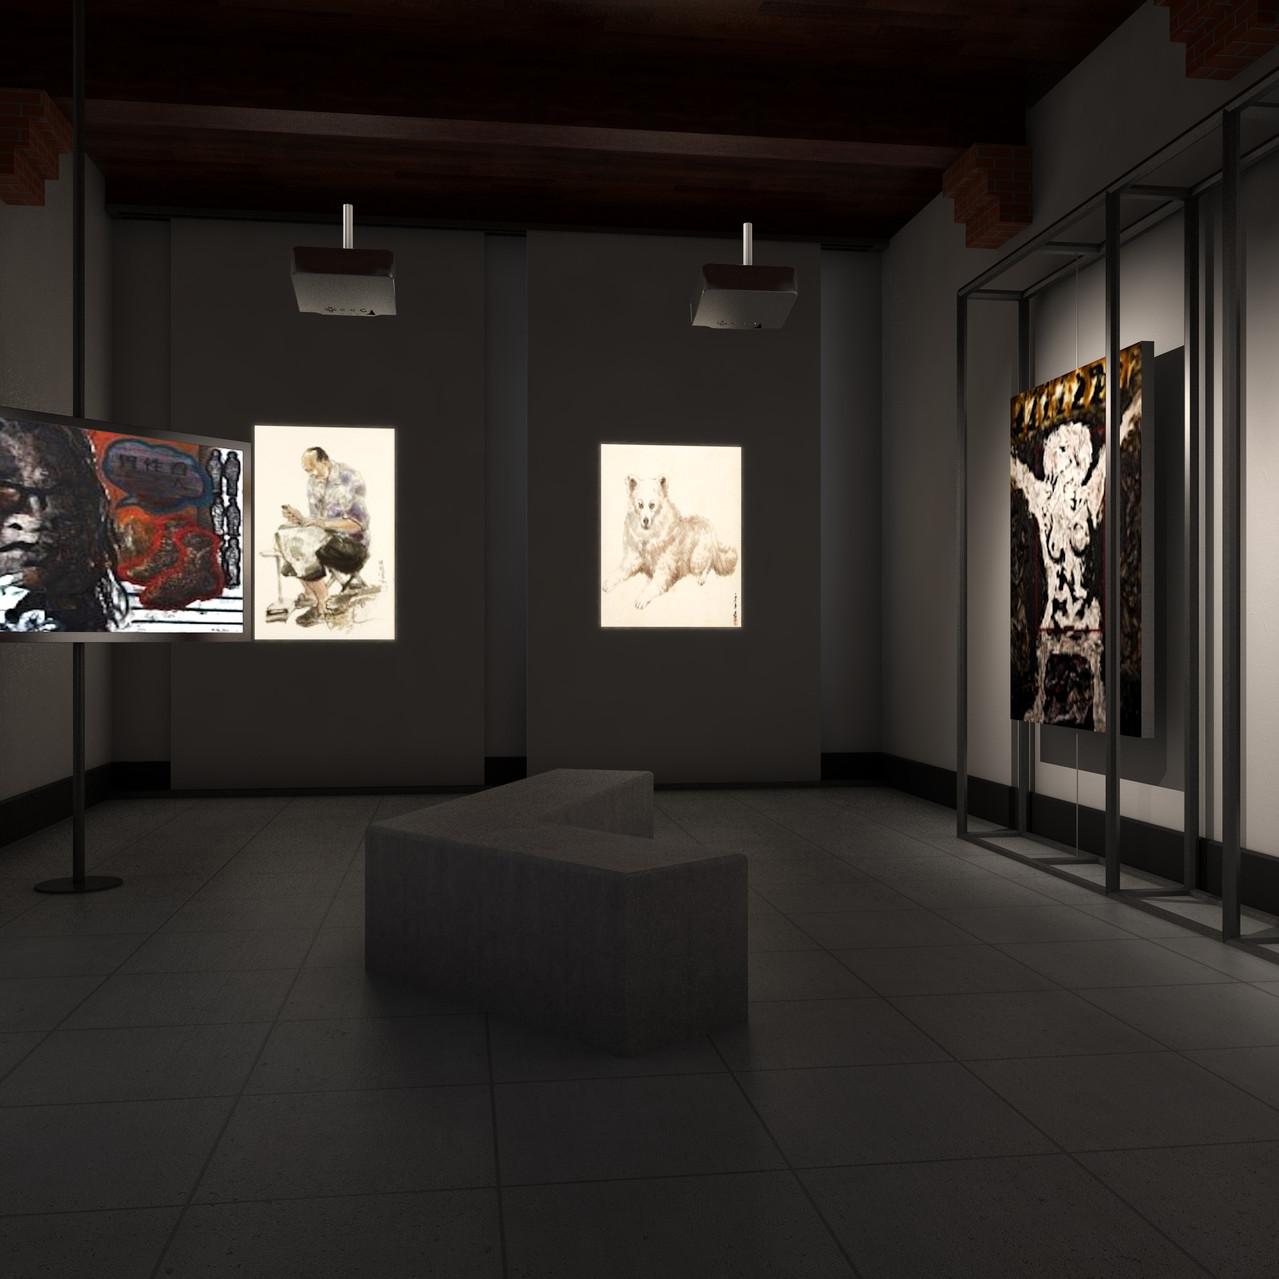 劍擊室一樓展示廳